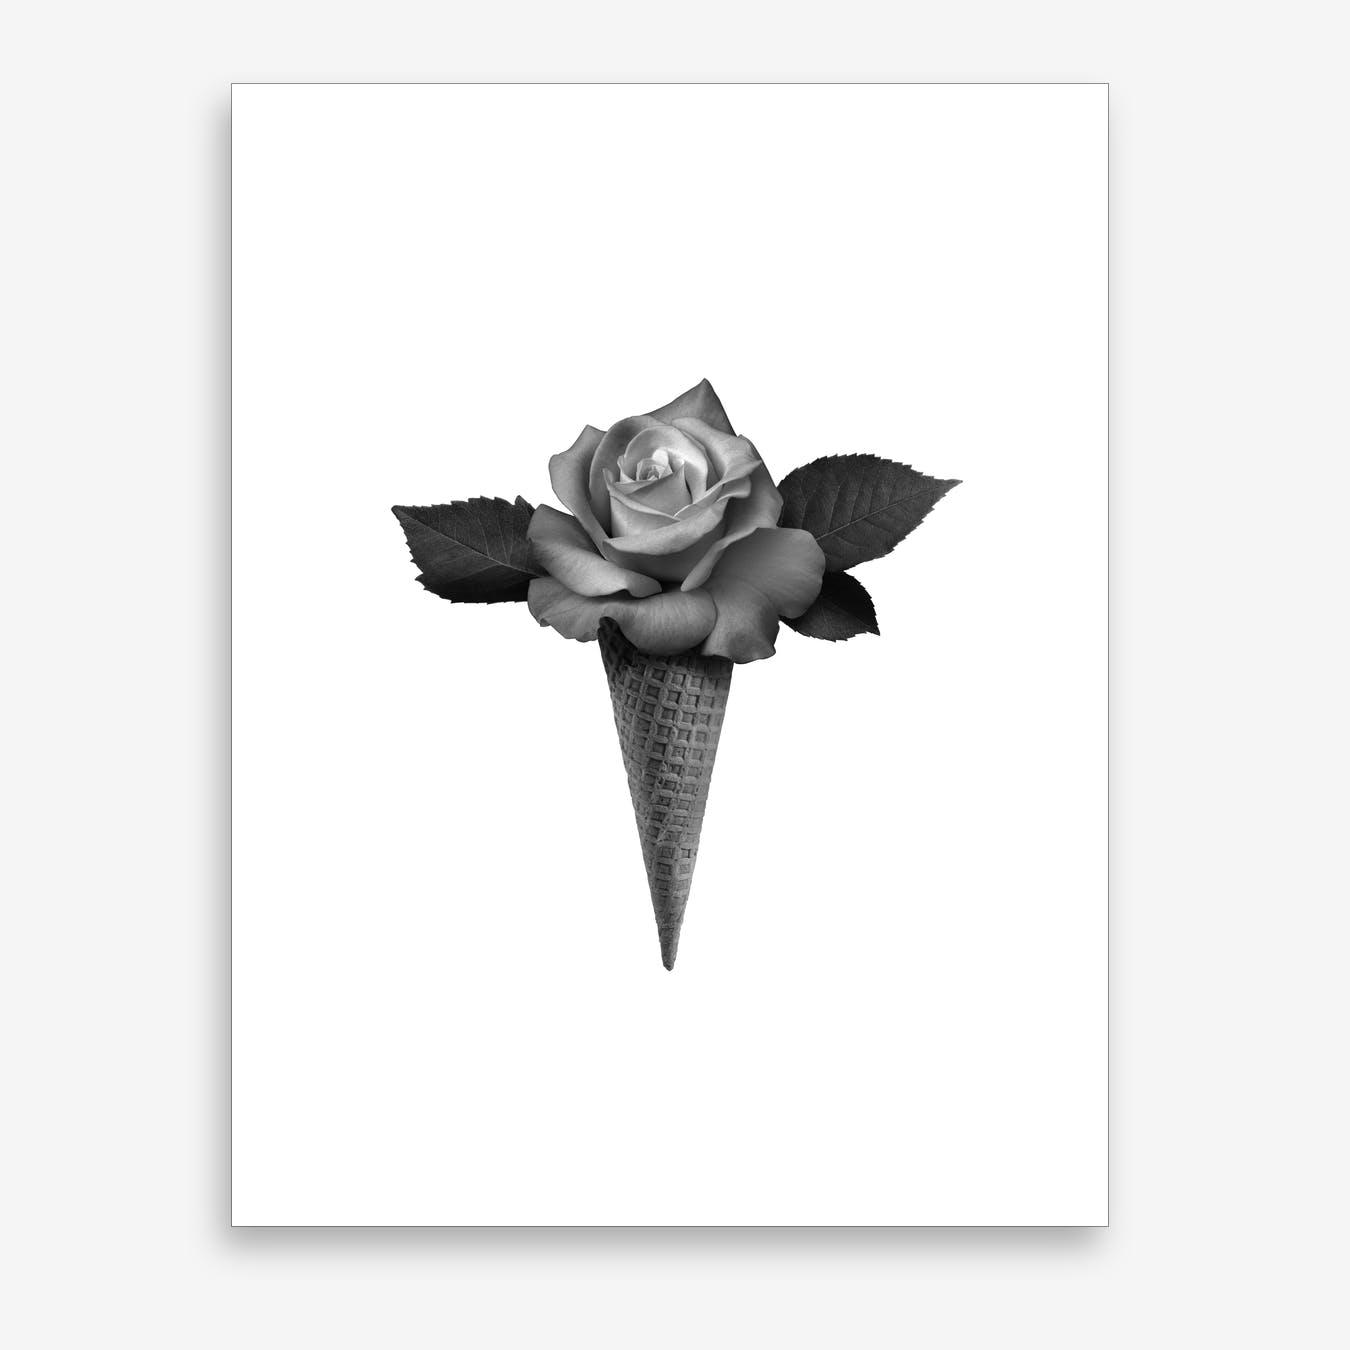 Rosecream